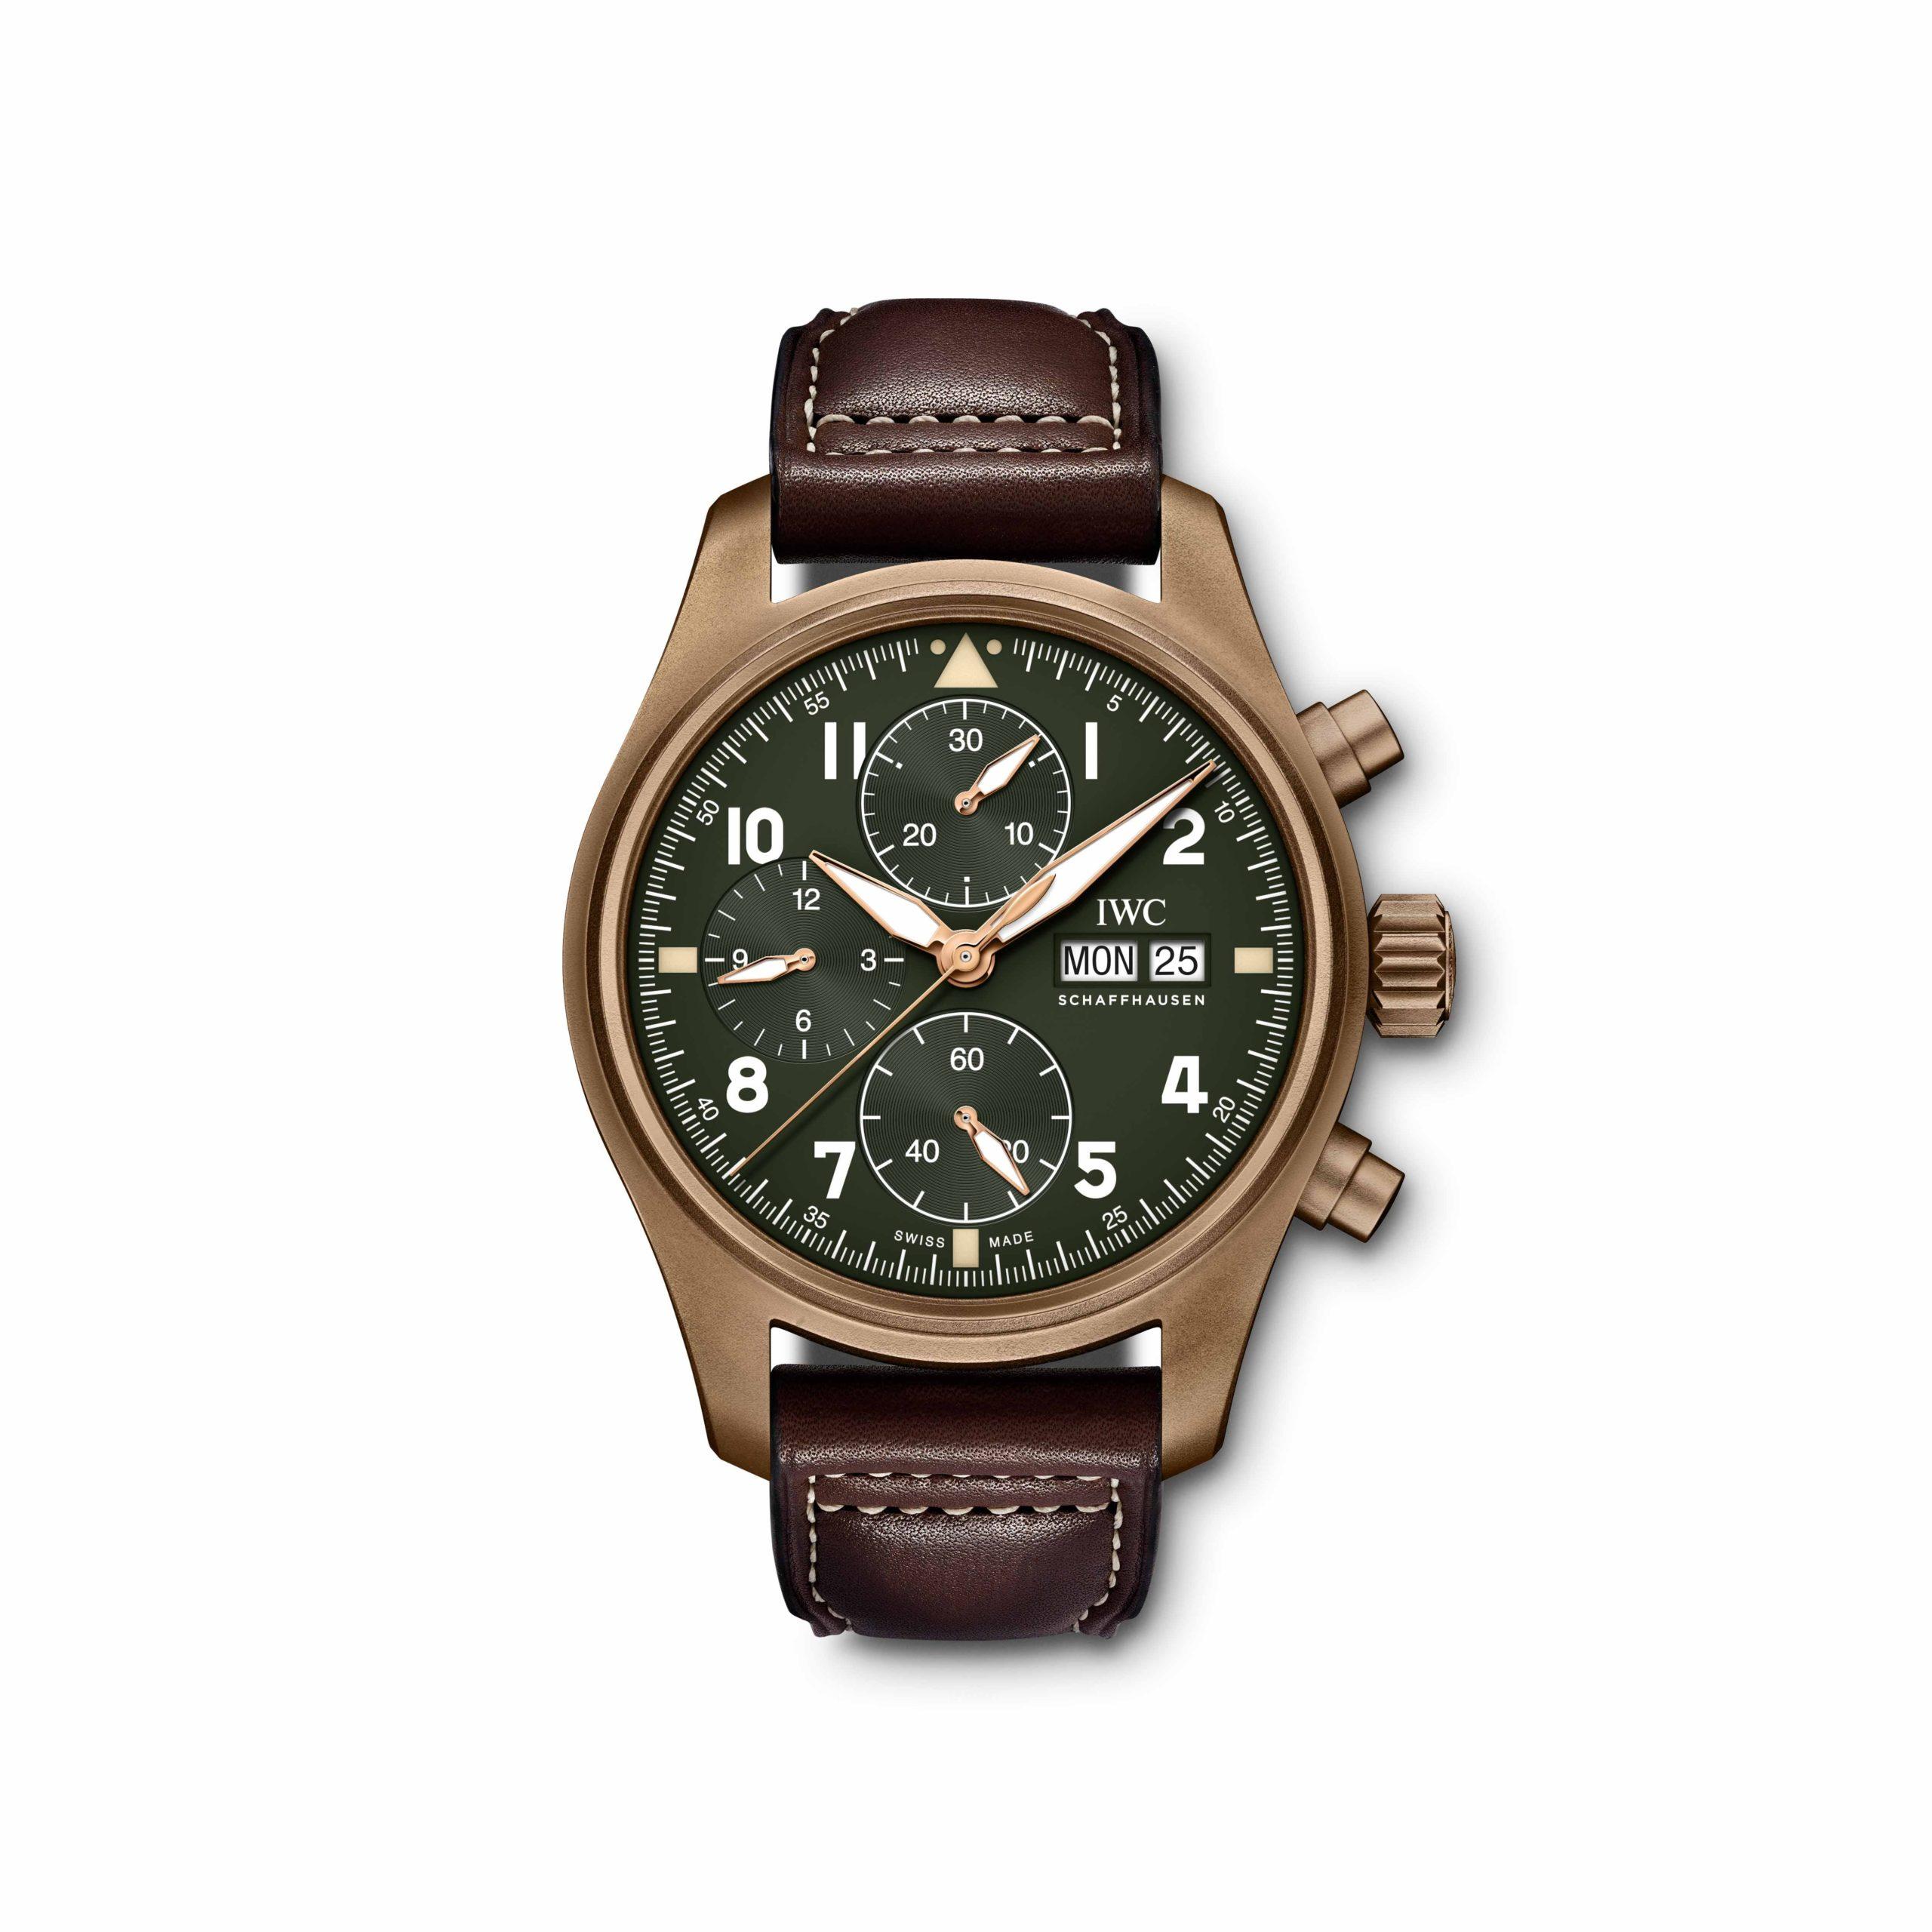 IW38790, Braun-Grüne Uhr von der Marke IWC